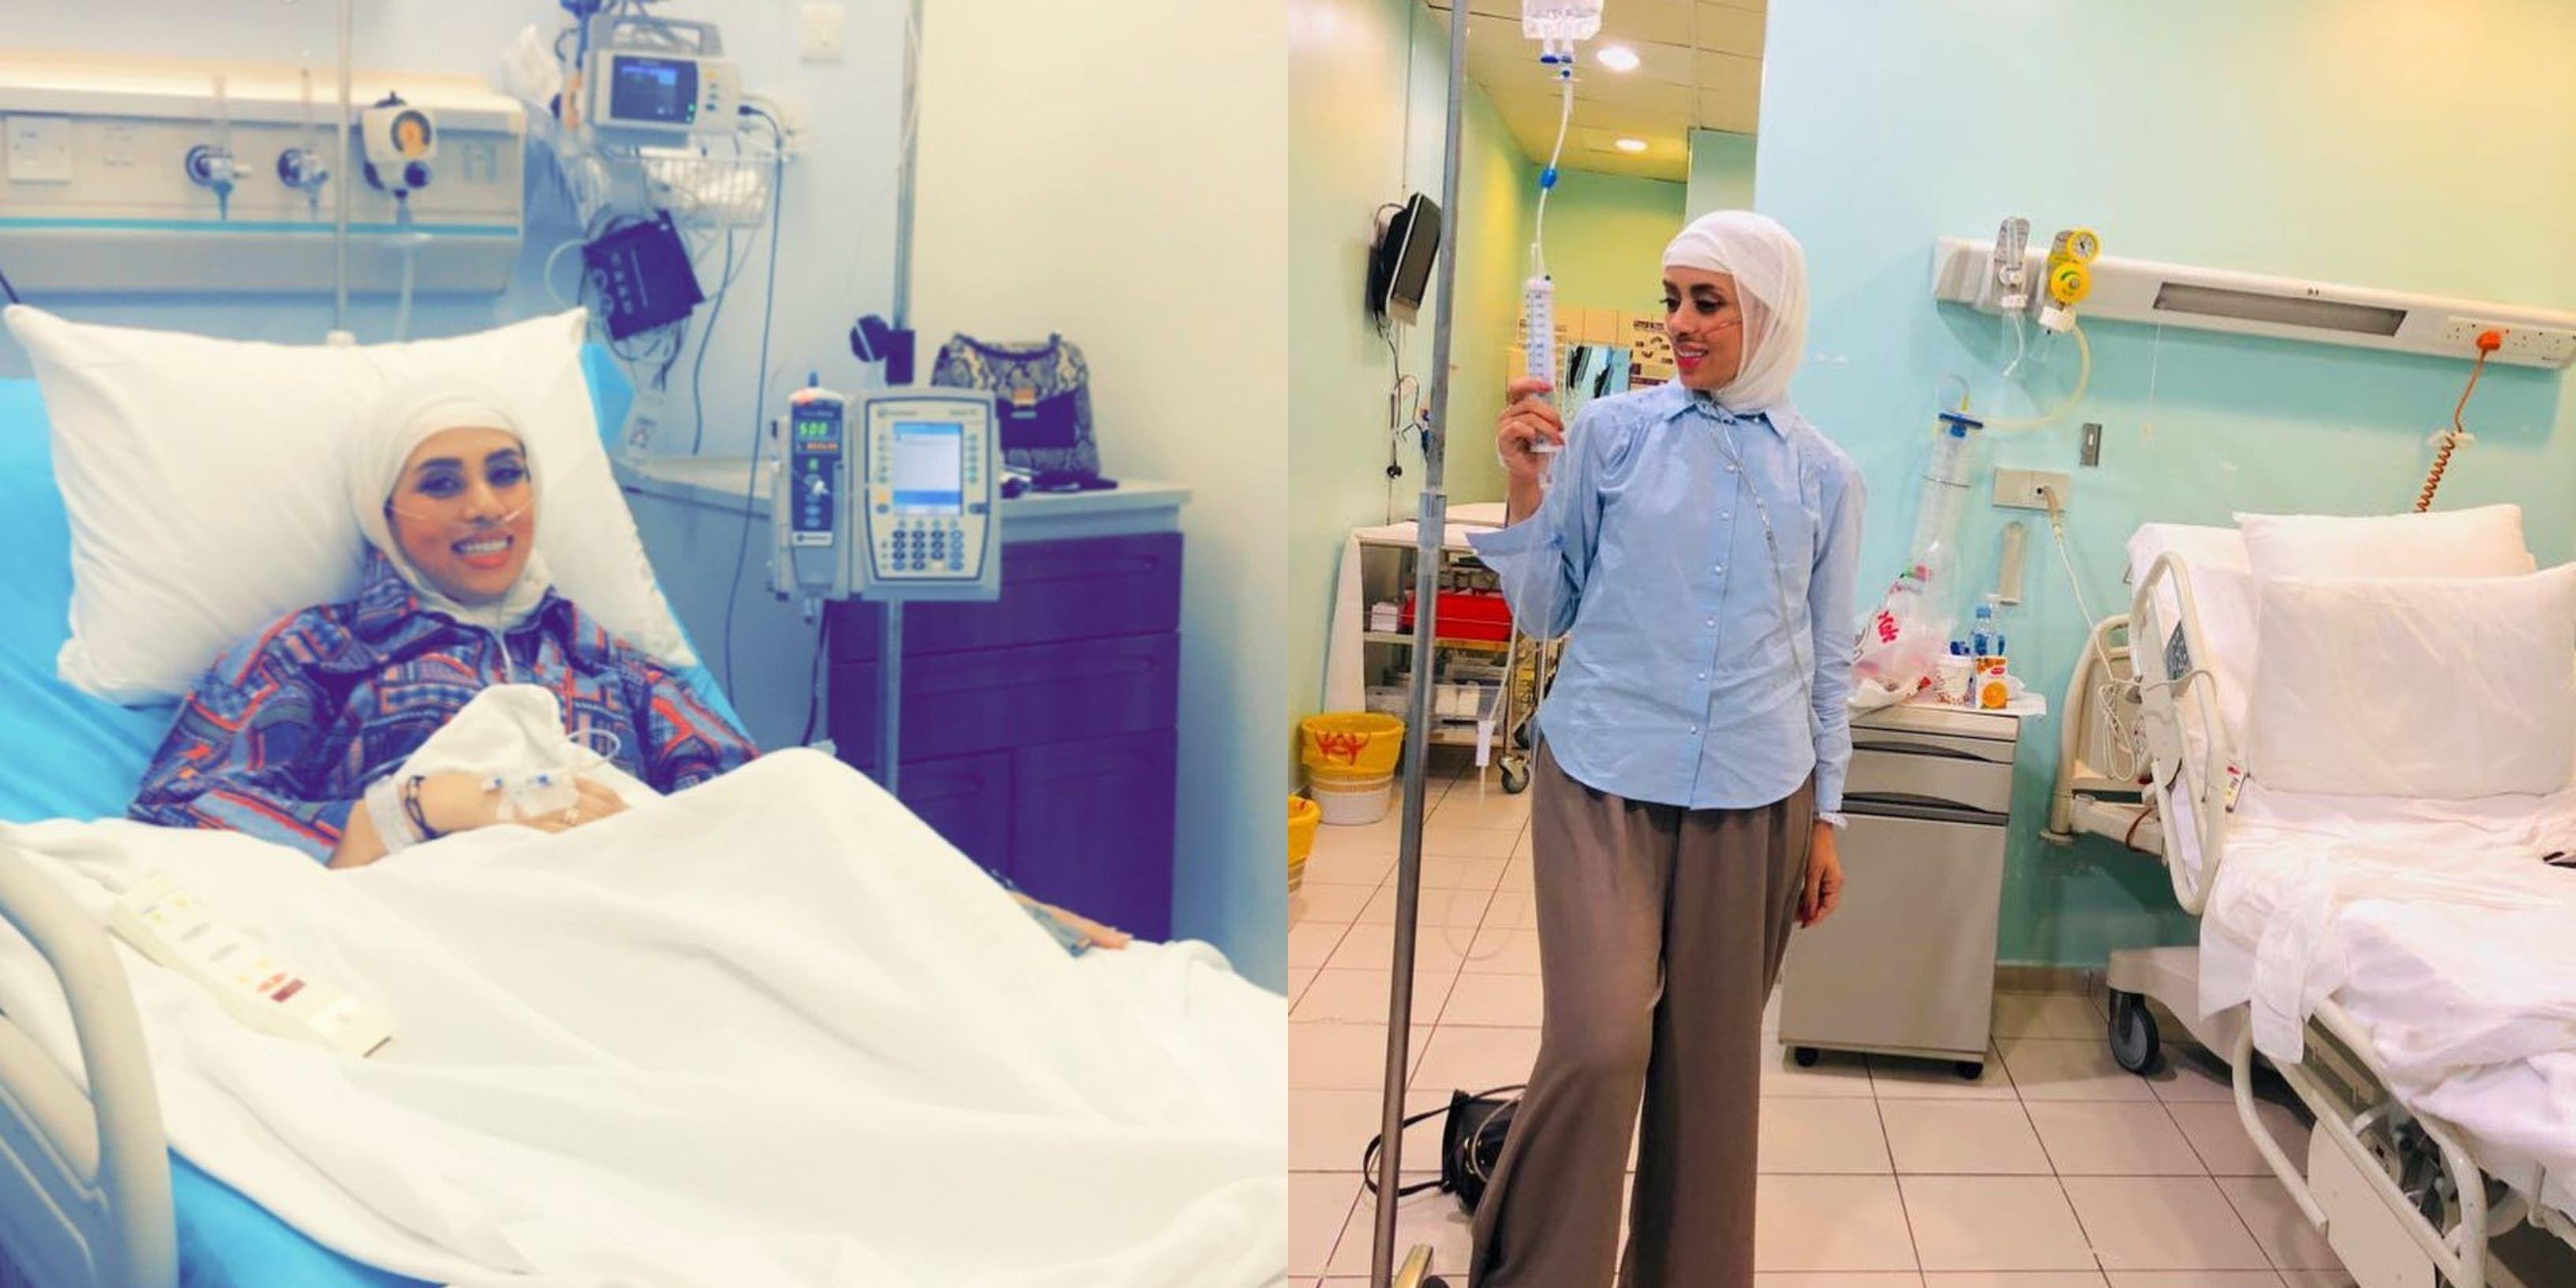 محاربة السرطان شيماء العيدي إلى المستشفى مجددا بوضع حرج صورة Lab Coat Coat